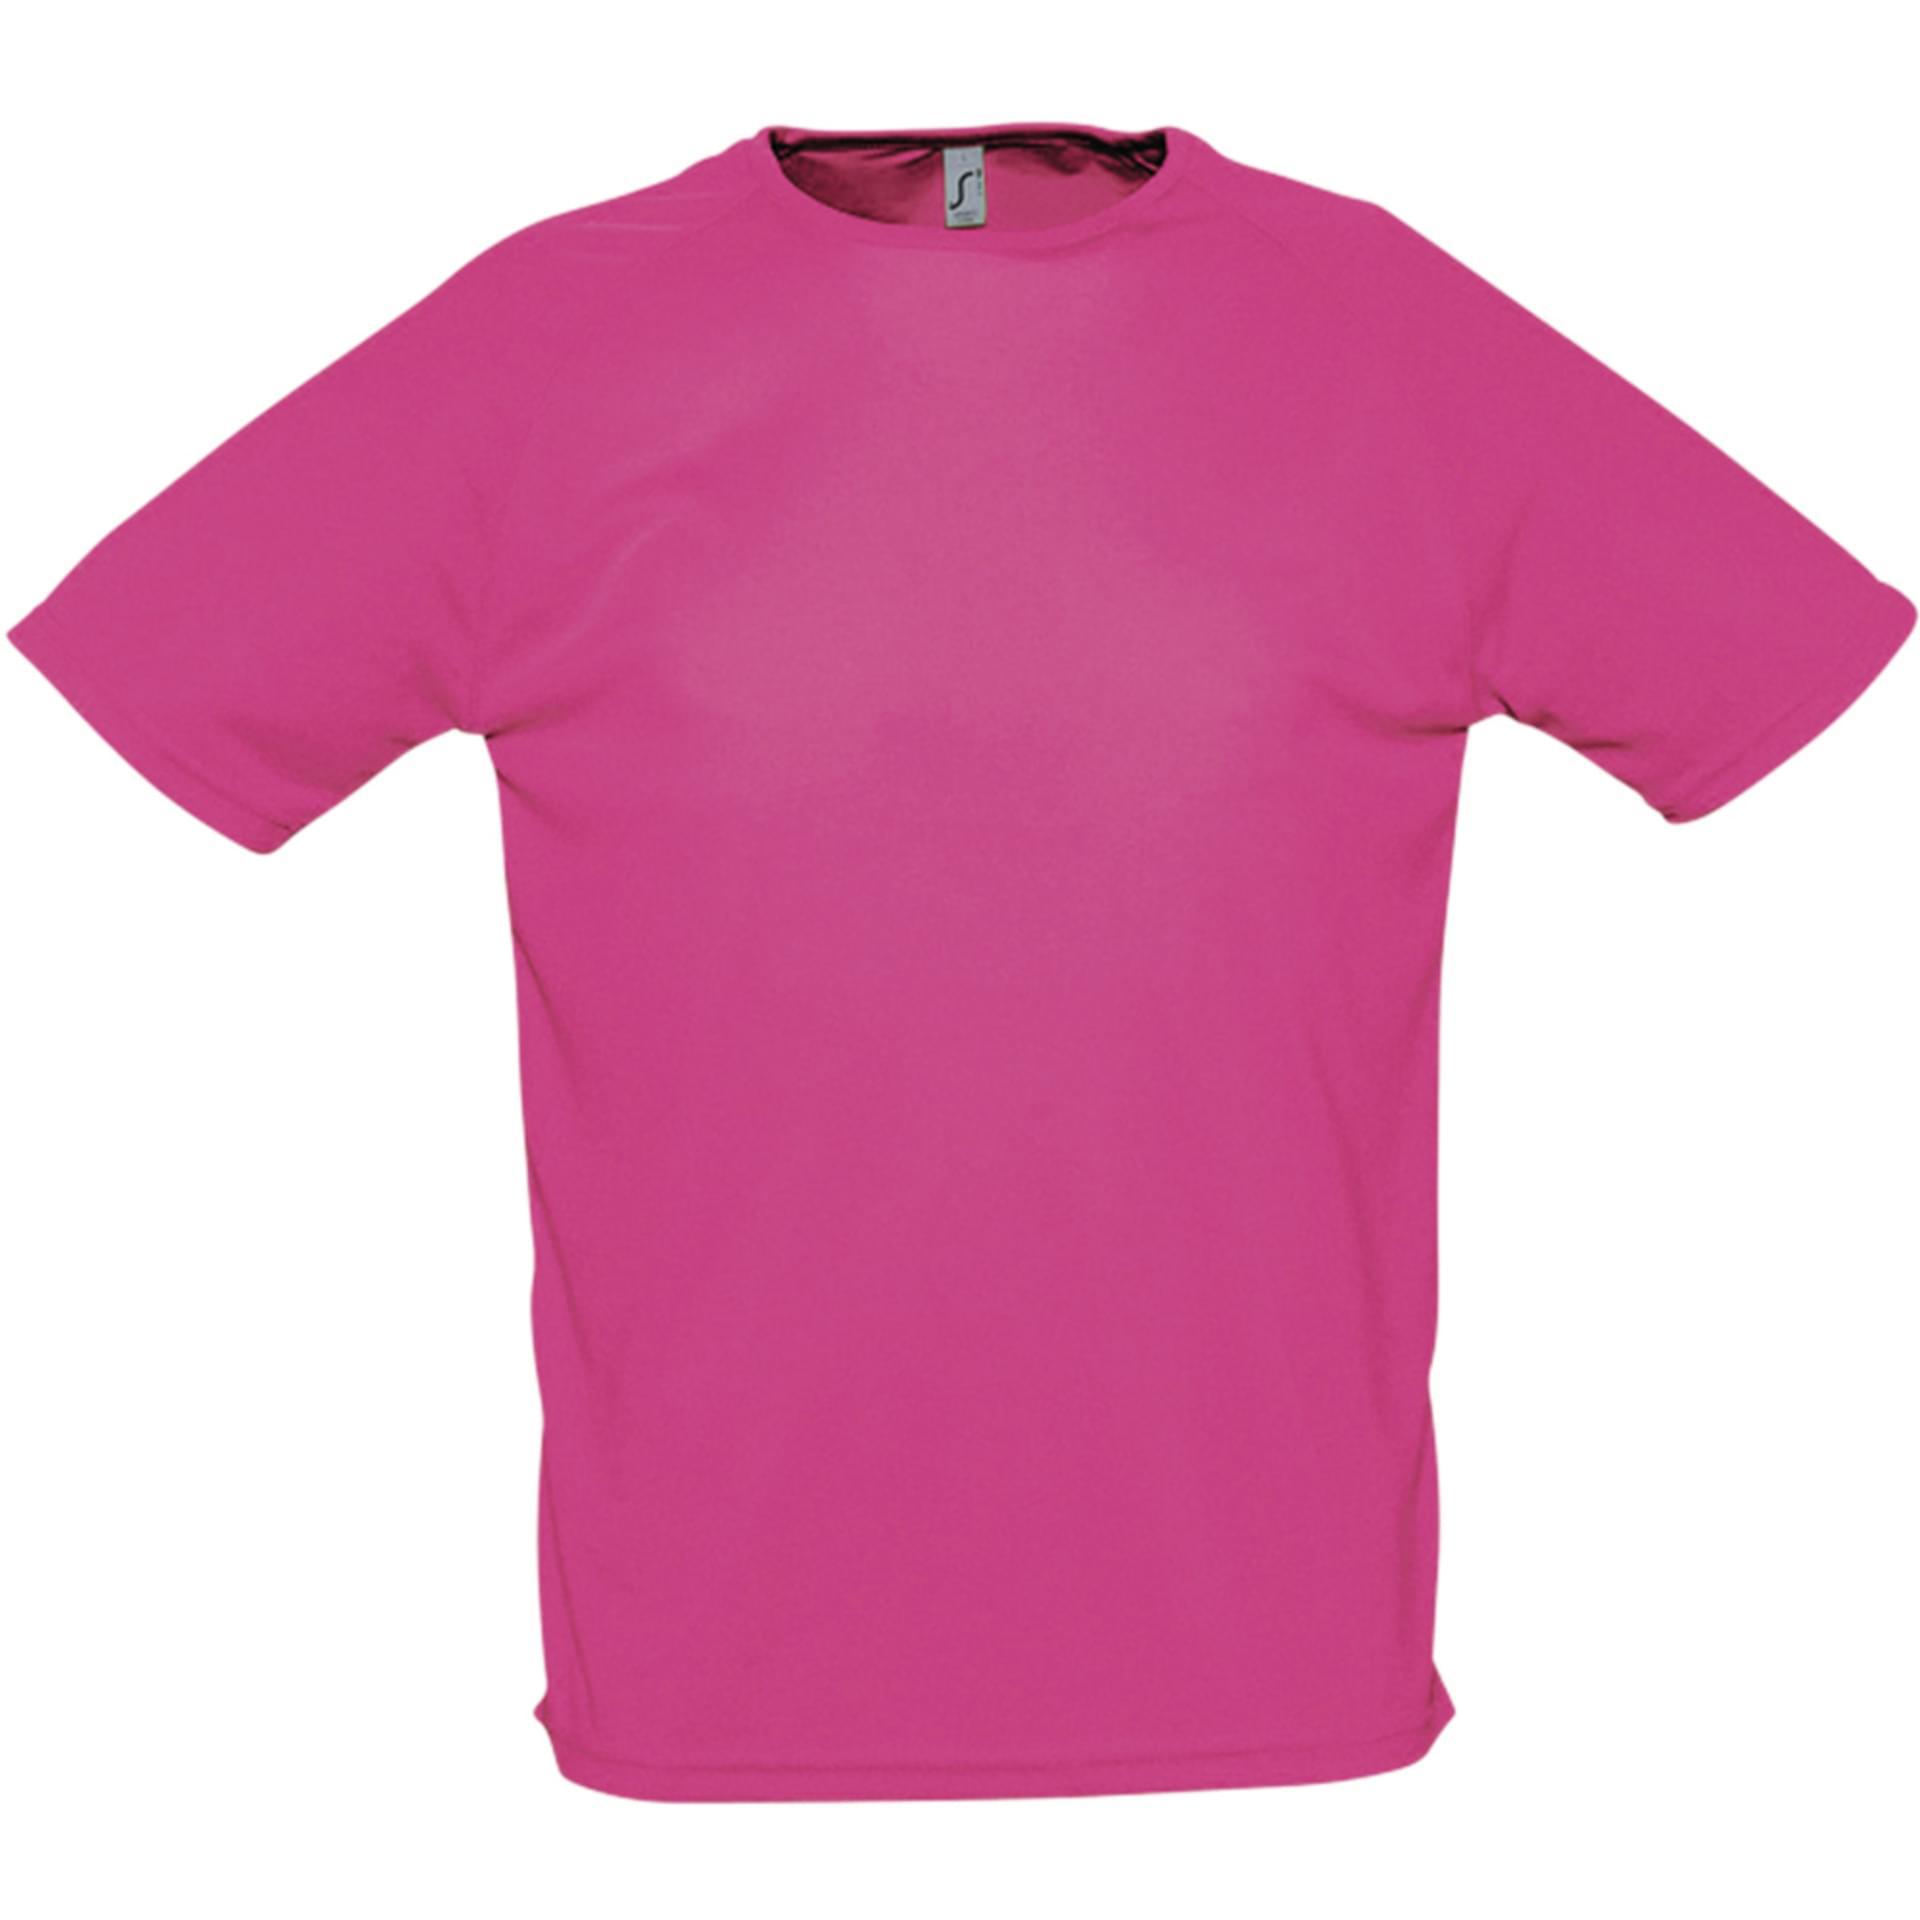 le plus récent prix officiel t shirt personnalisé jusquà 70